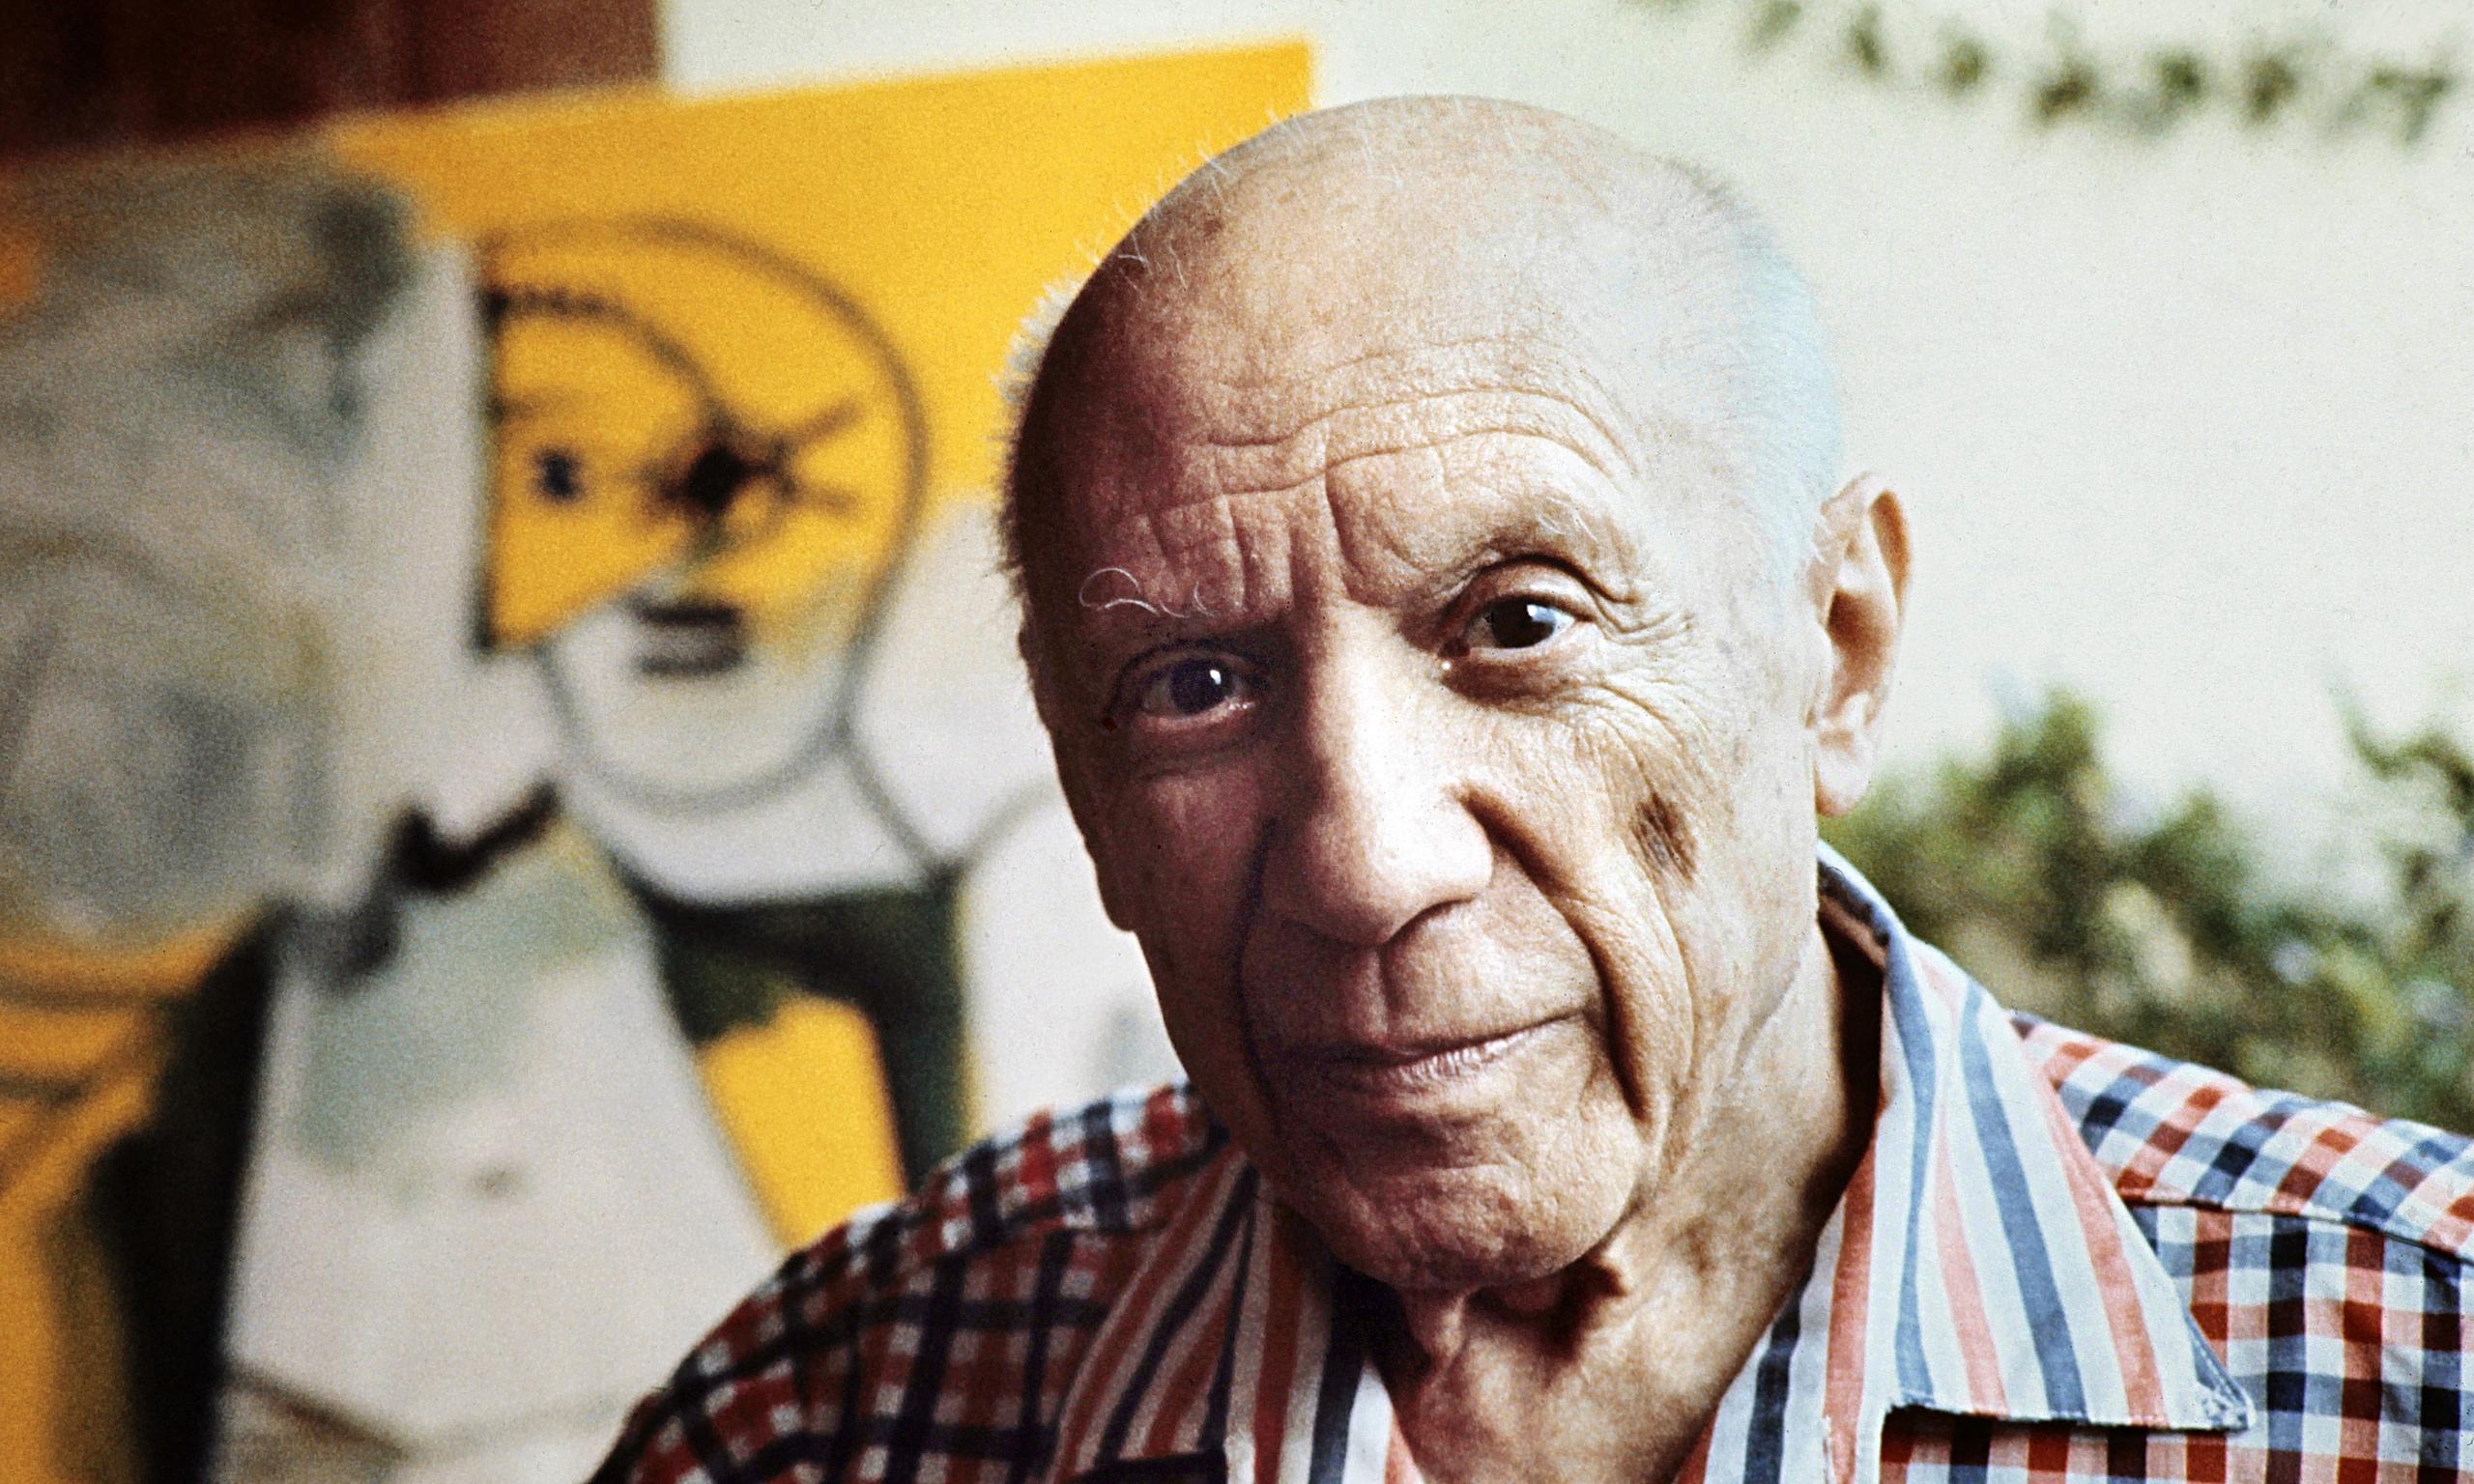 بابلو بيكاسو - قصة حياة بابلو بيكاسو أبو الرسم التكعيبي